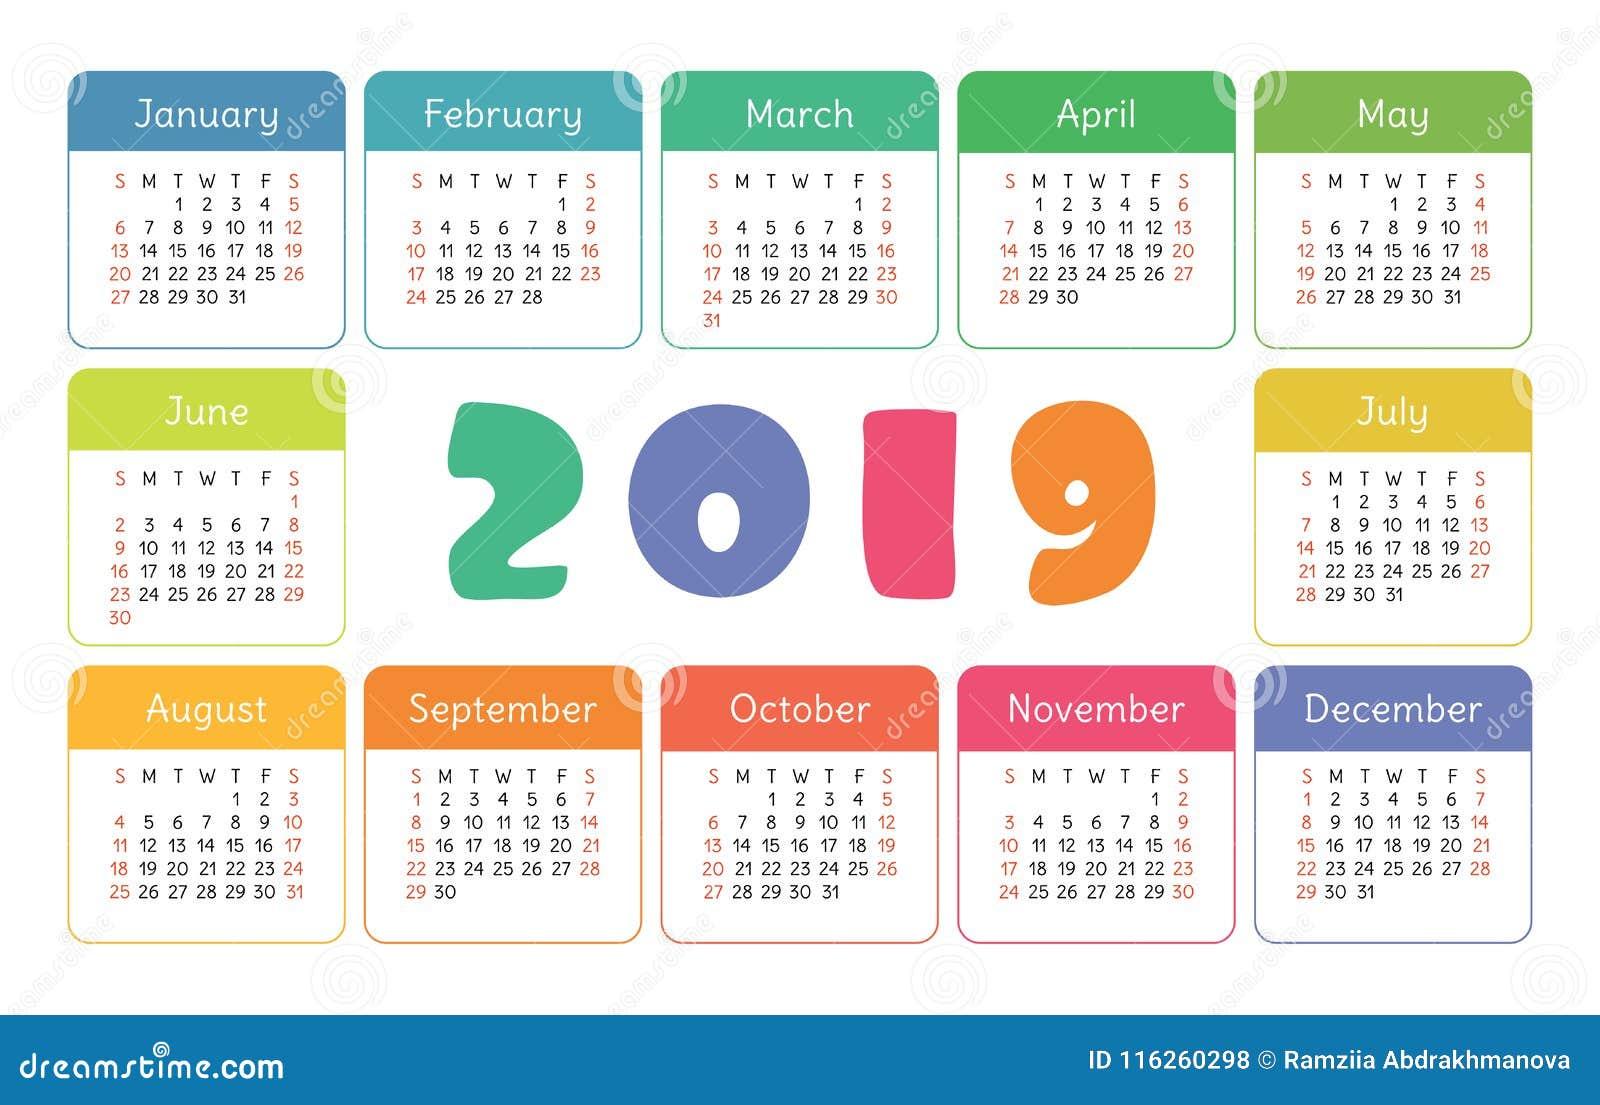 Modelli Calendario 2019.Calendario 2019 Della Tasca Modello Semplice Di Base Inizio